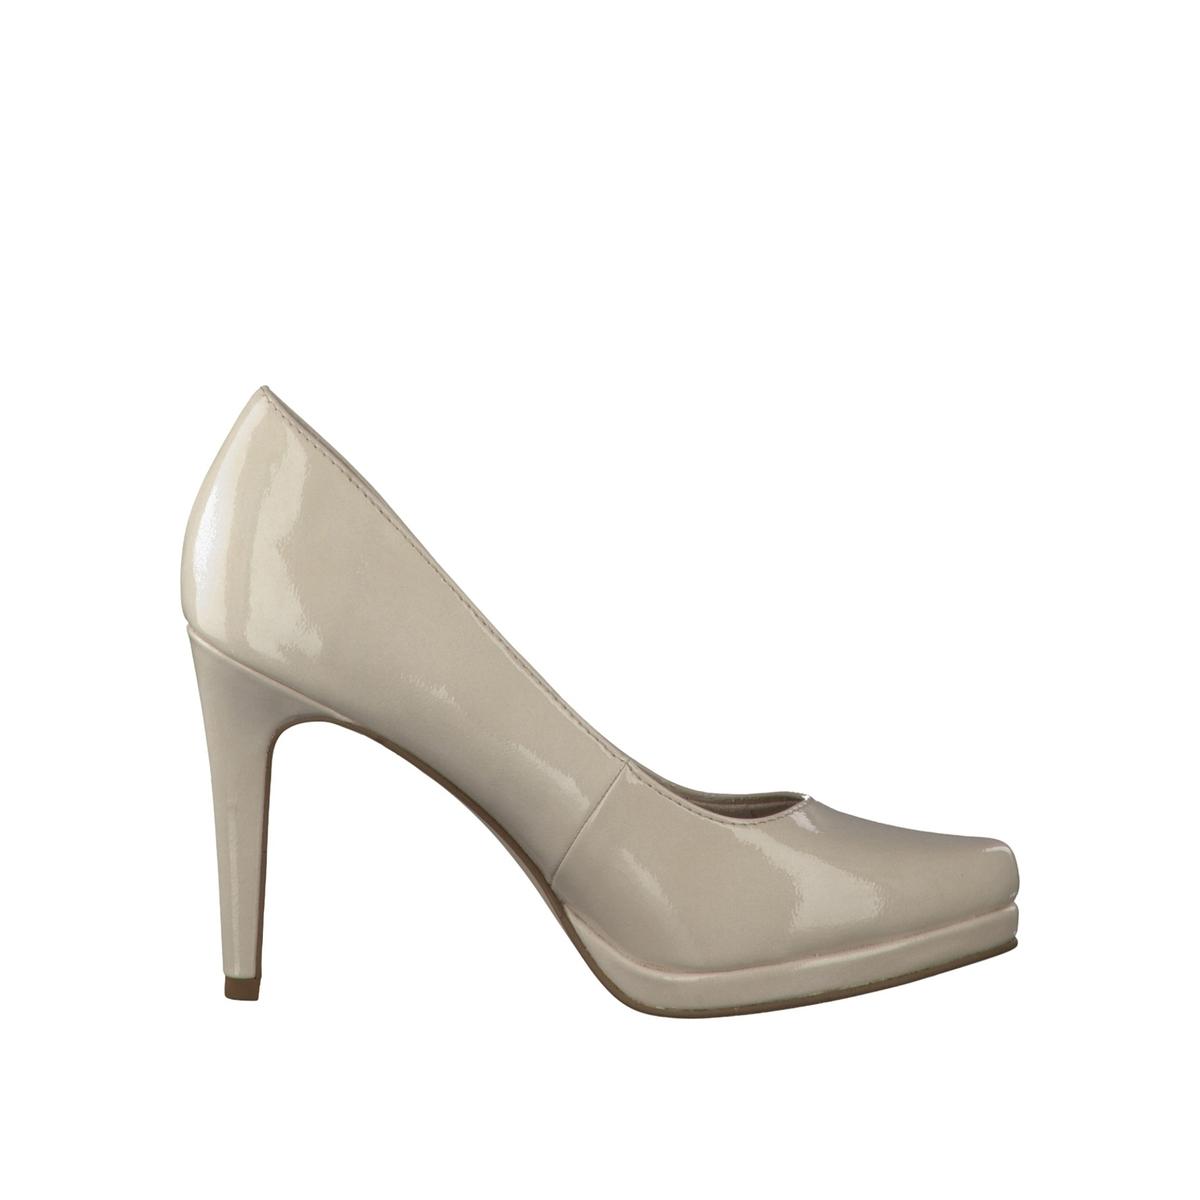 все цены на Туфли лакированные на каблуке 22448-28 онлайн